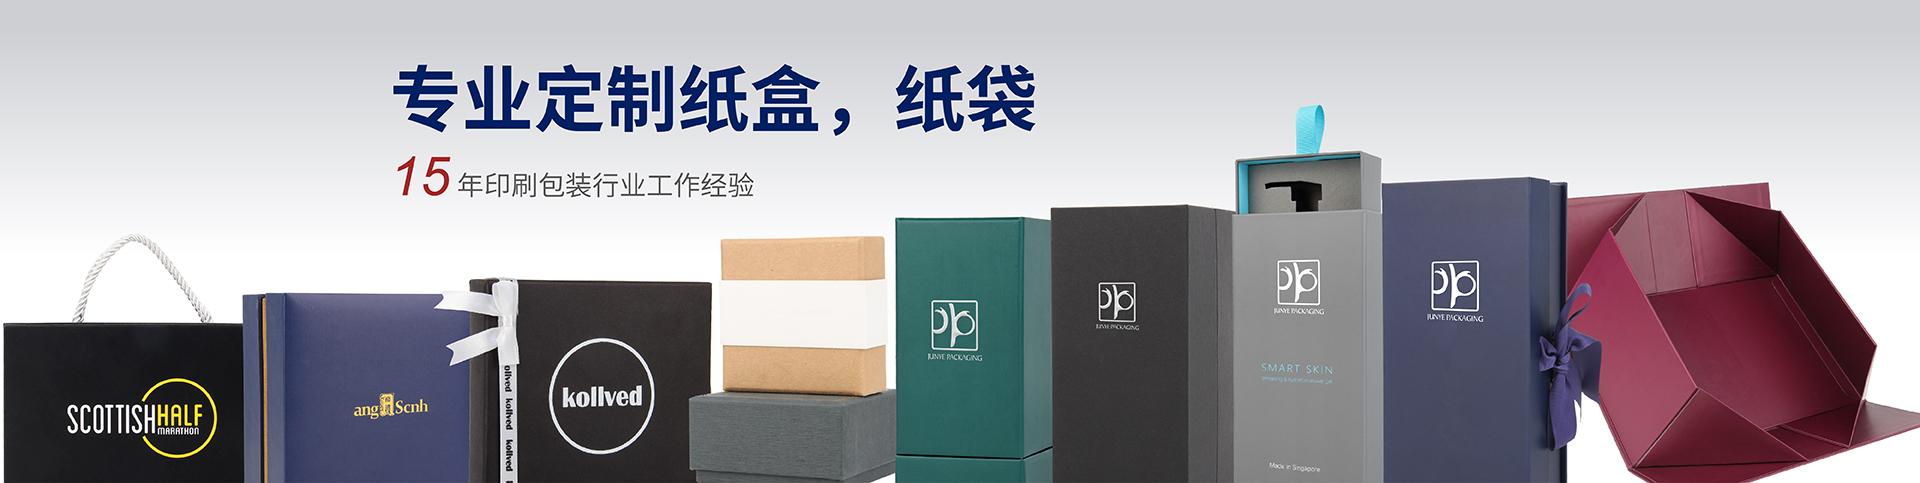 服装吊牌|广州骏业包装实业有限公司